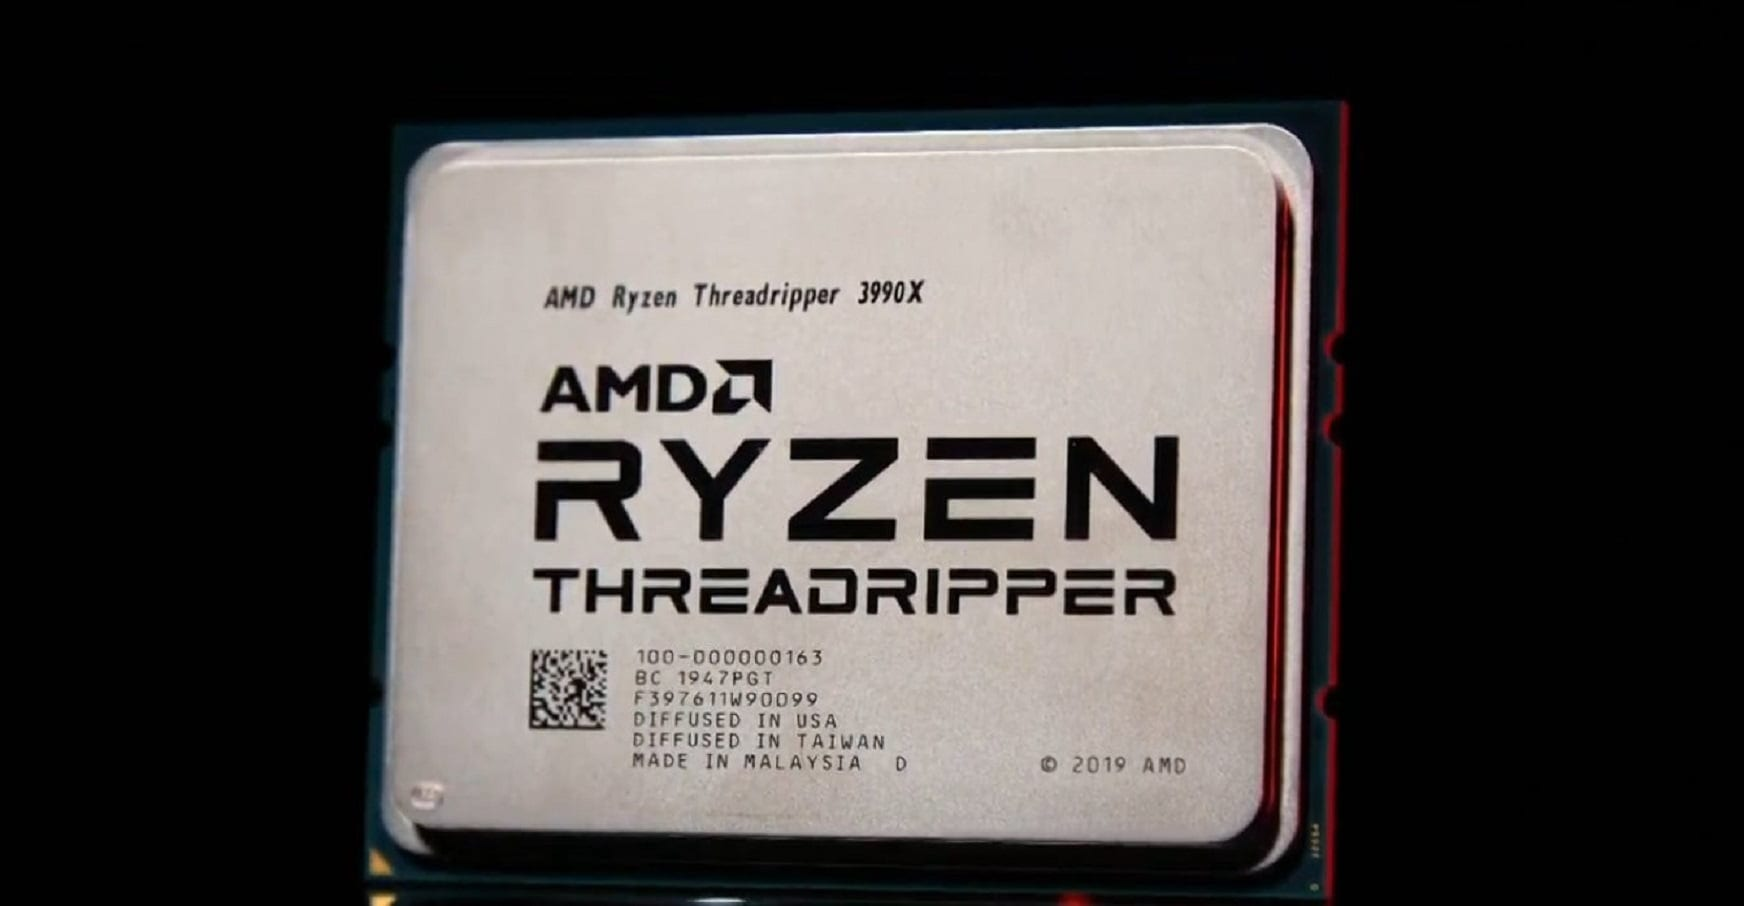 Цена процессора AMD Ryzen Threadripper 3990X в магазине Amazon опустилась до 3450 долларов